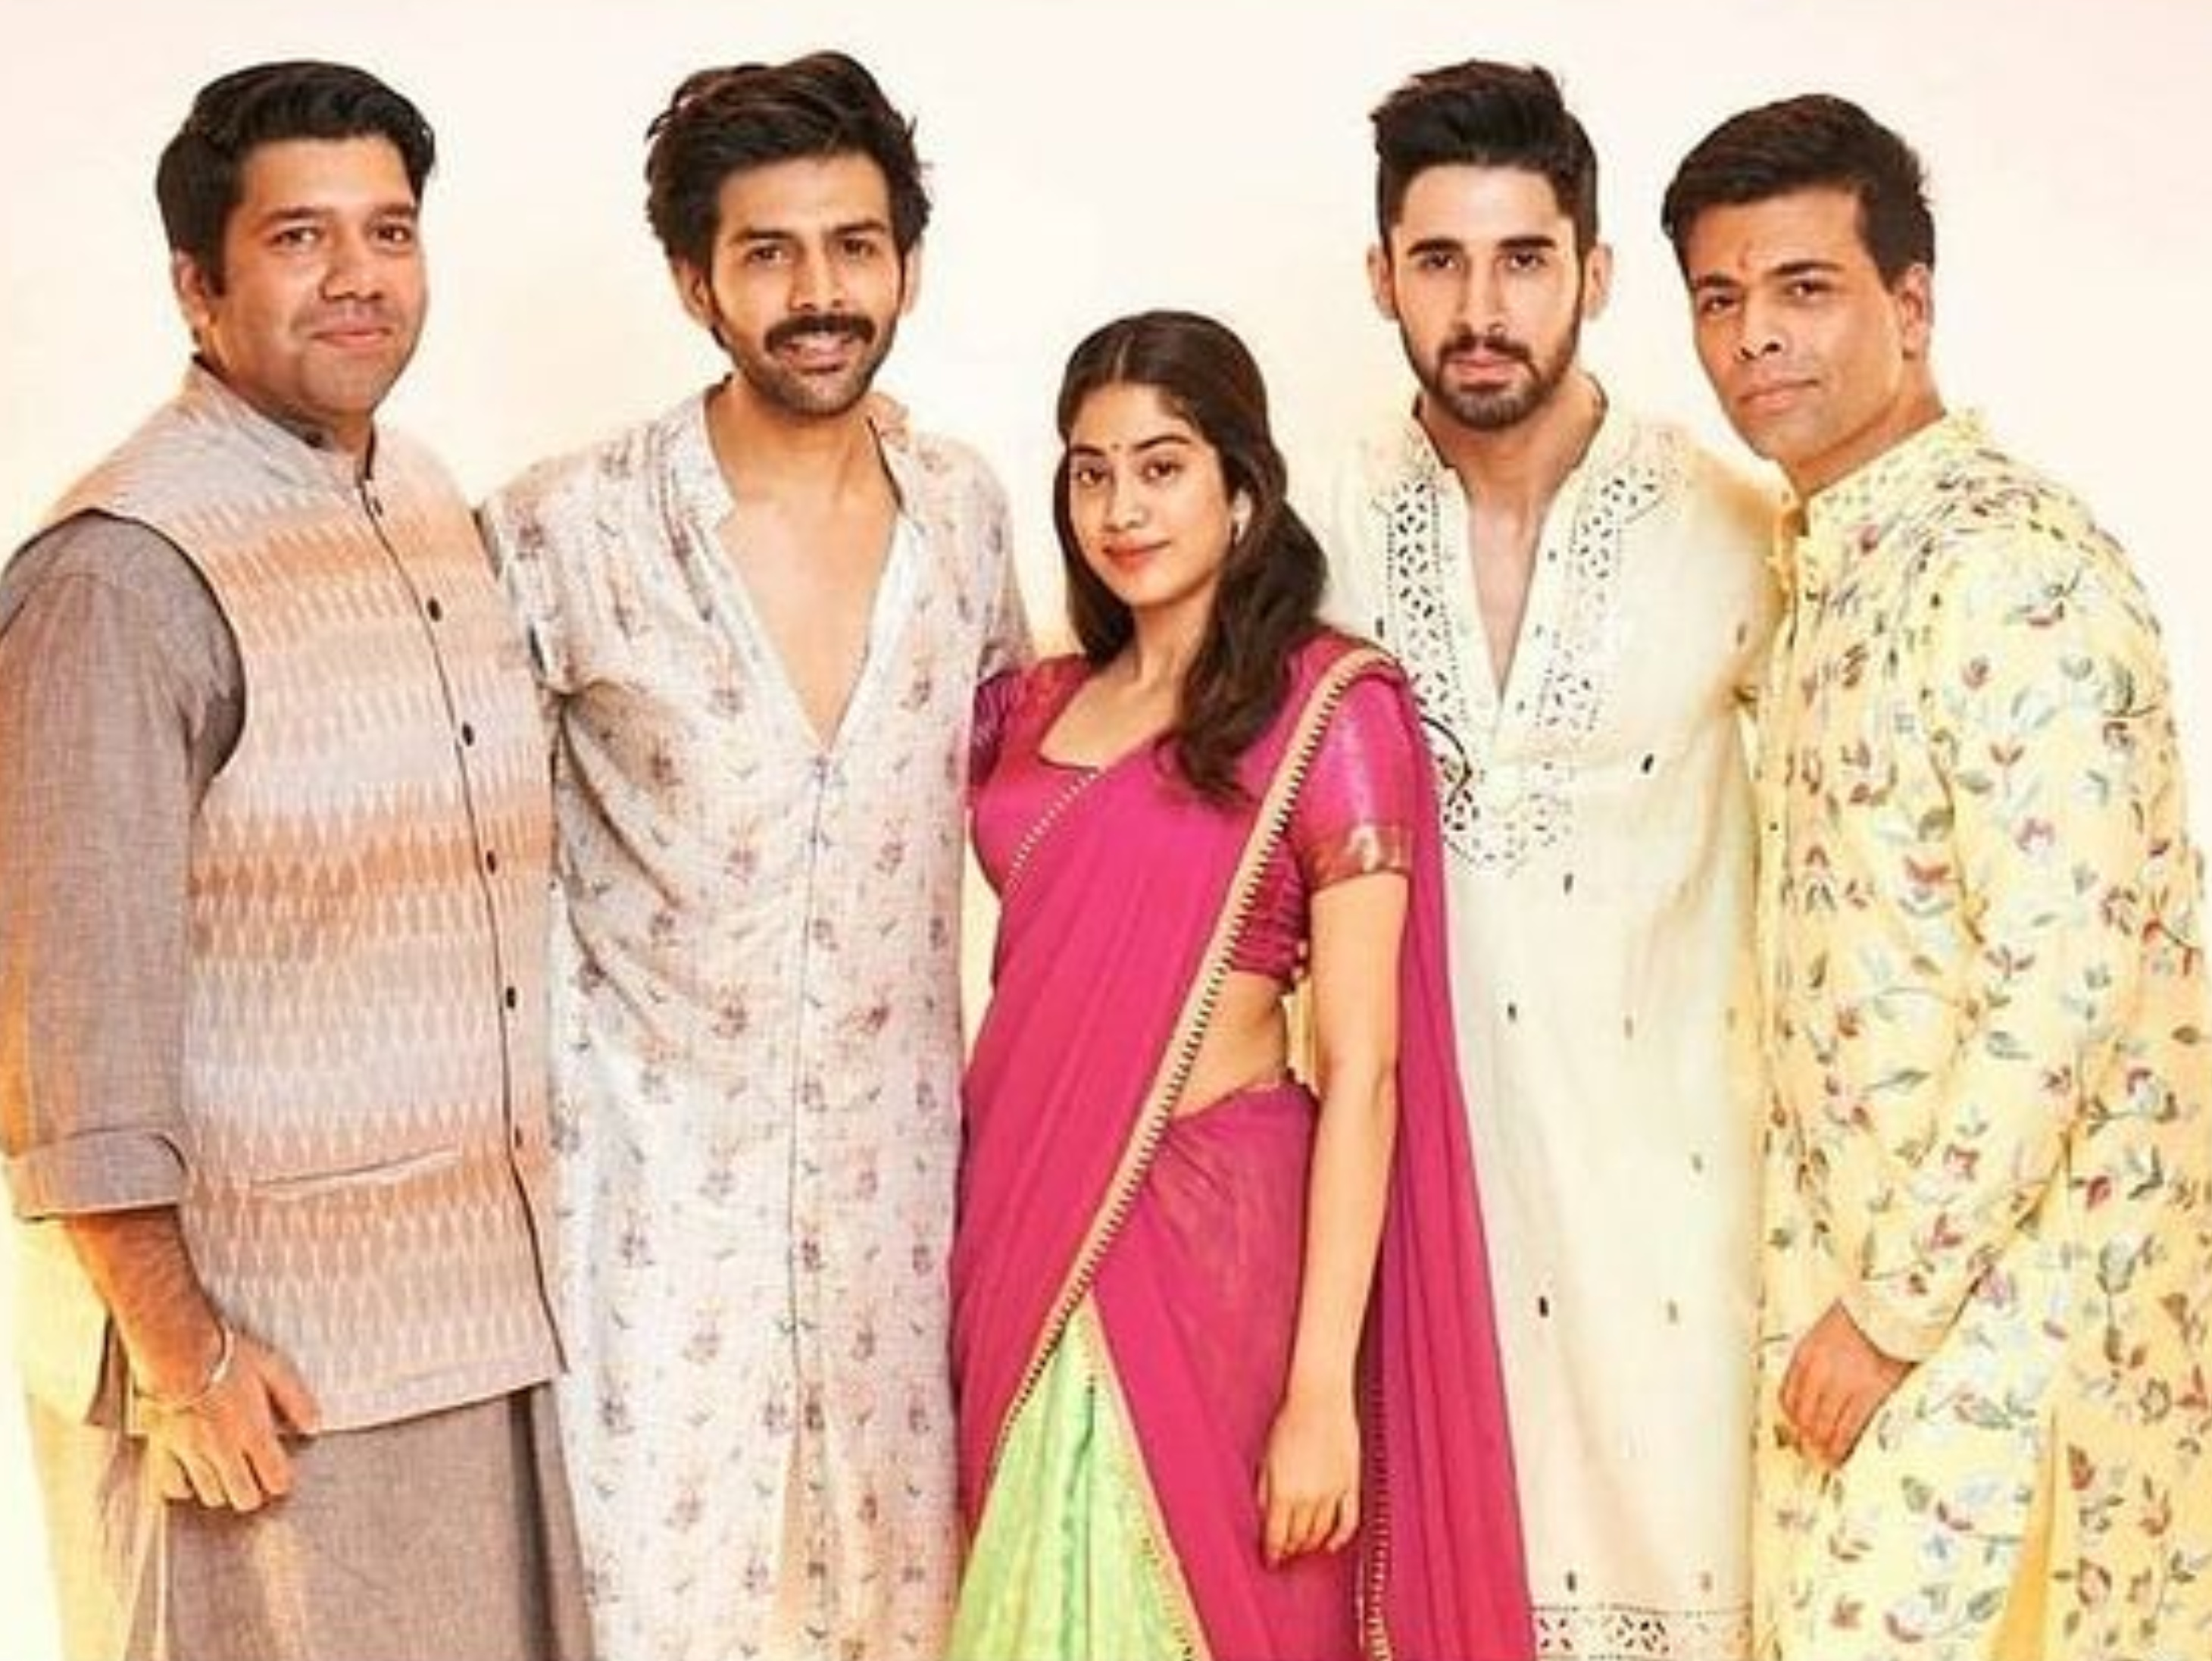 'दोस्ताना 2' की कास्टिंग और कार्तिक आर्यन के फिल्म से हटने पर धर्मा प्रोडक्शन का बयान- हम गरिमामय मौन रखेंगे बॉलीवुड,Bollywood - Dainik Bhaskar